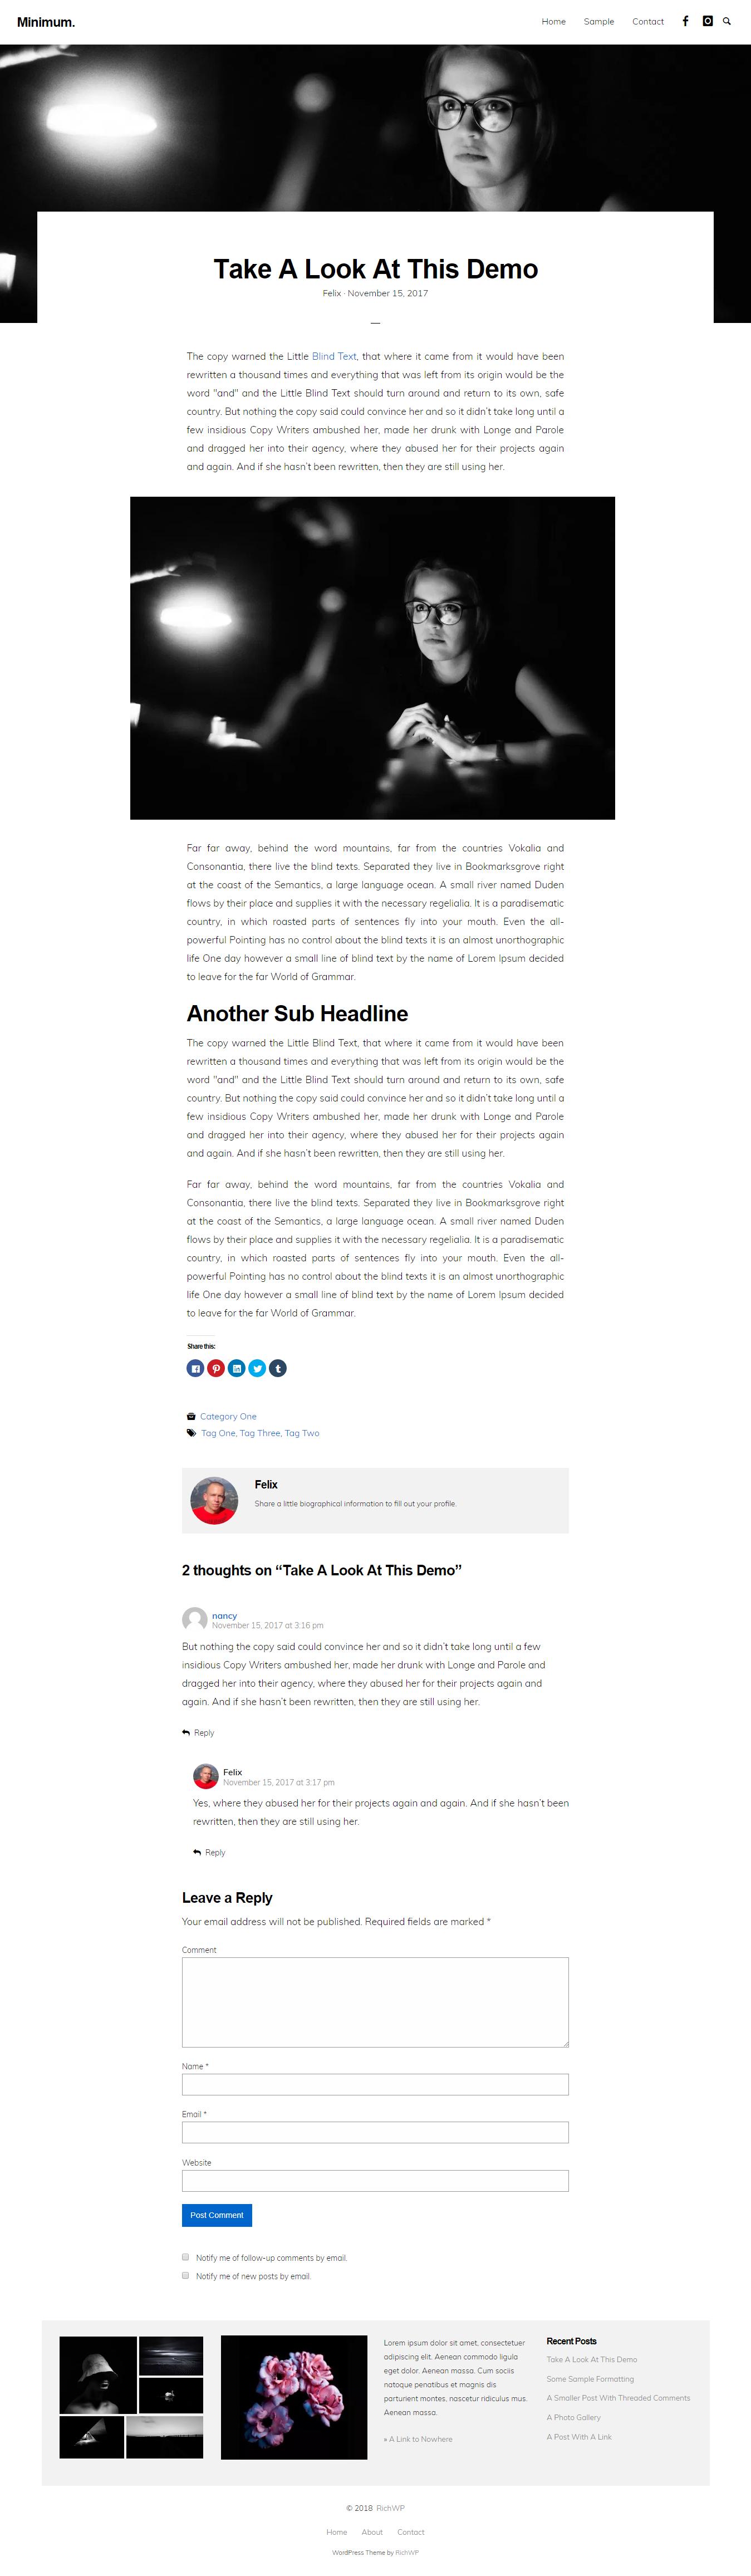 minimum minimal best free minimal wordpress theme - 10+ Best Free Minimal WordPress Themes